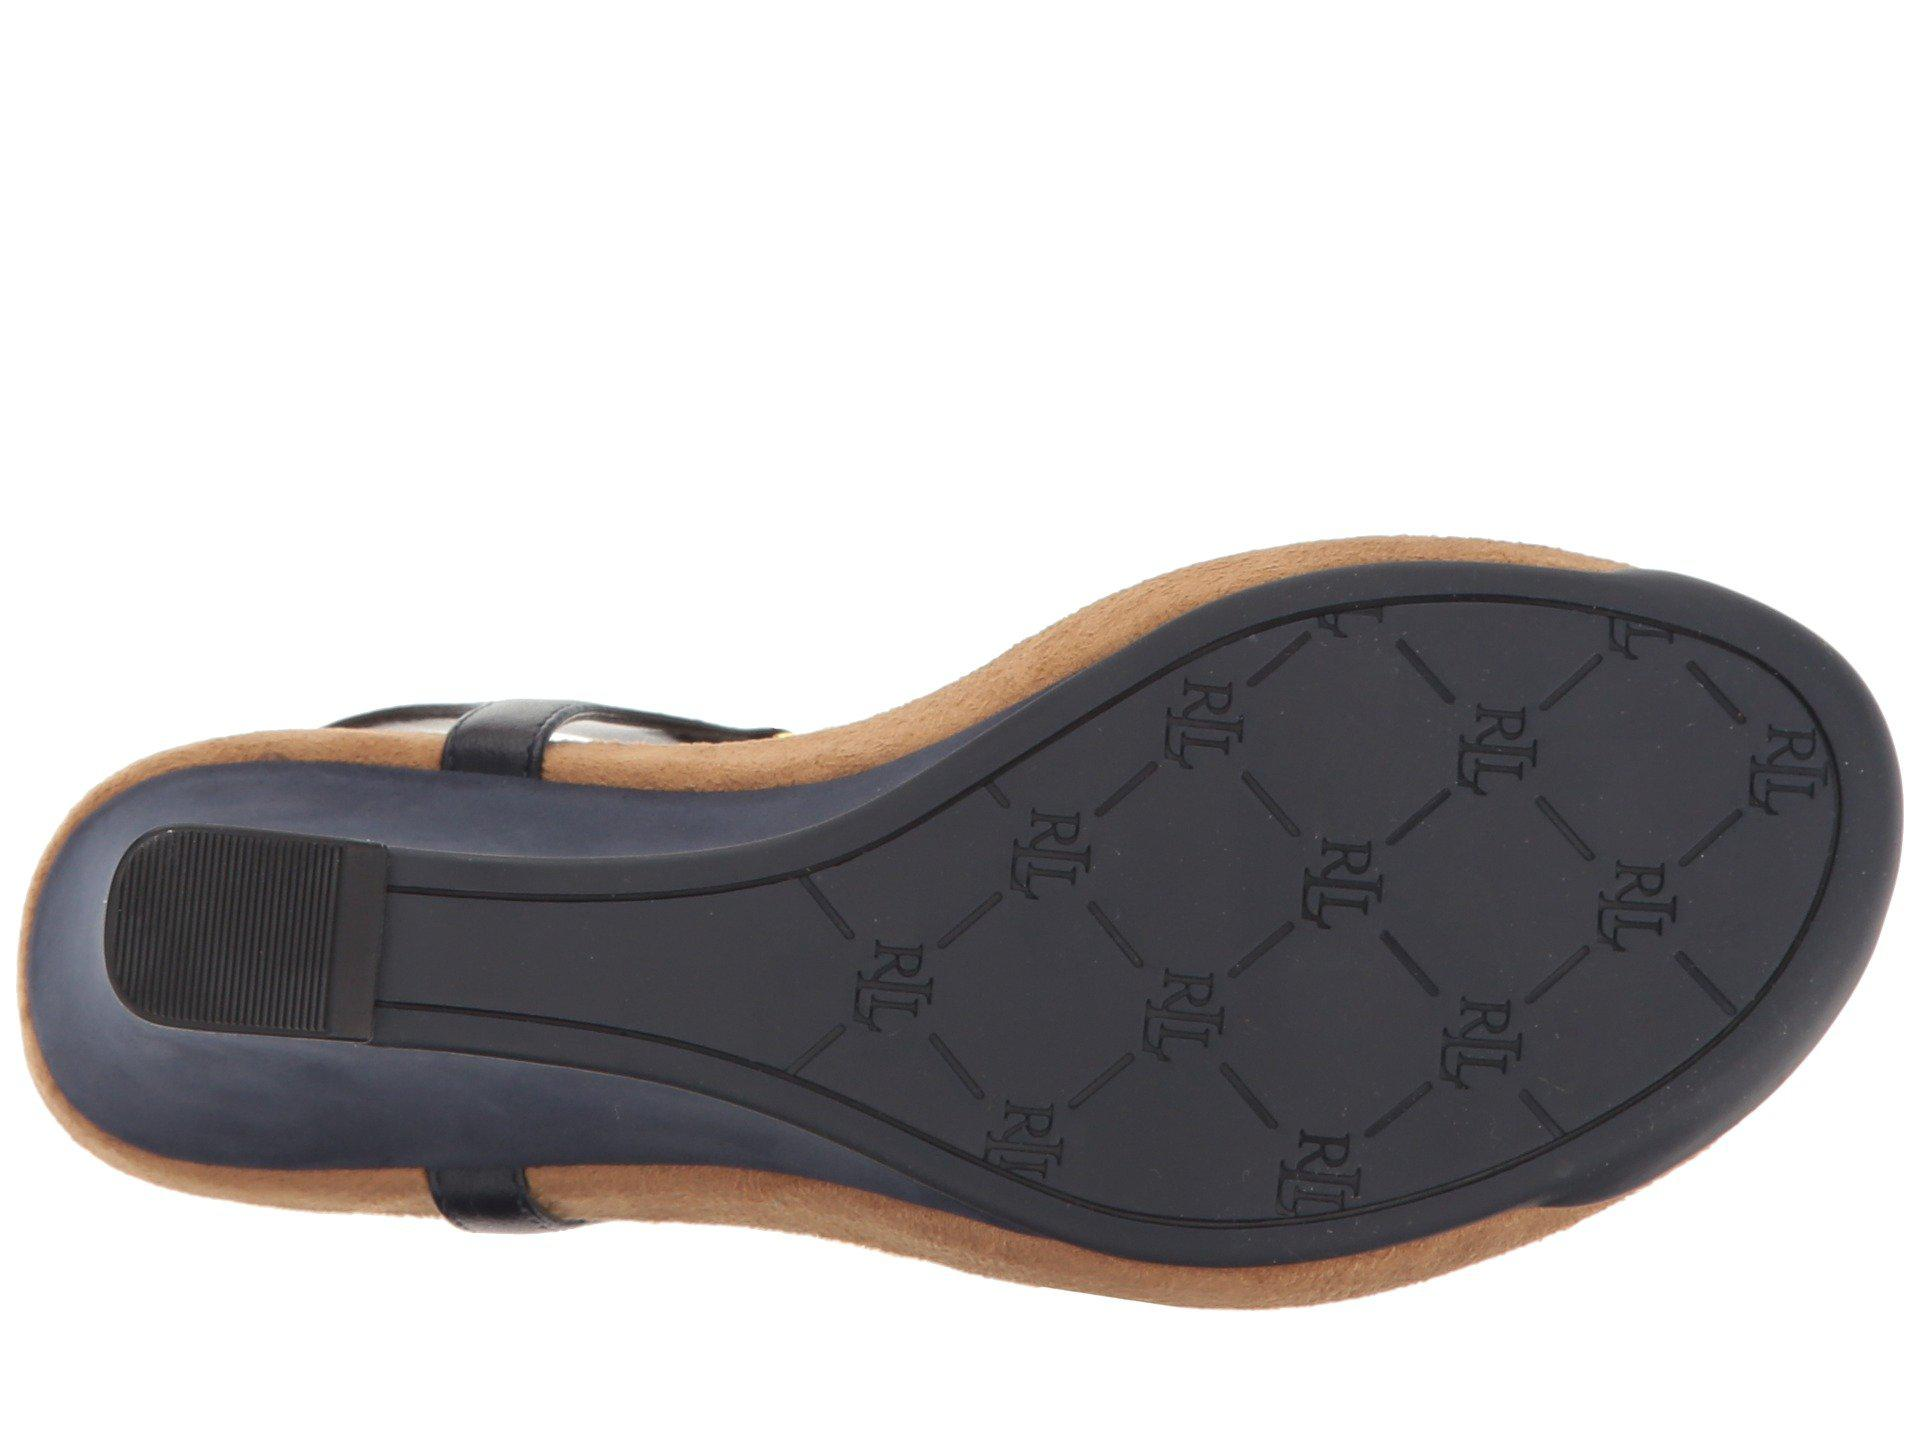 43e12813b0 Lauren by Ralph Lauren Nikki (navy) Women's Wedge Shoes in Blue - Lyst